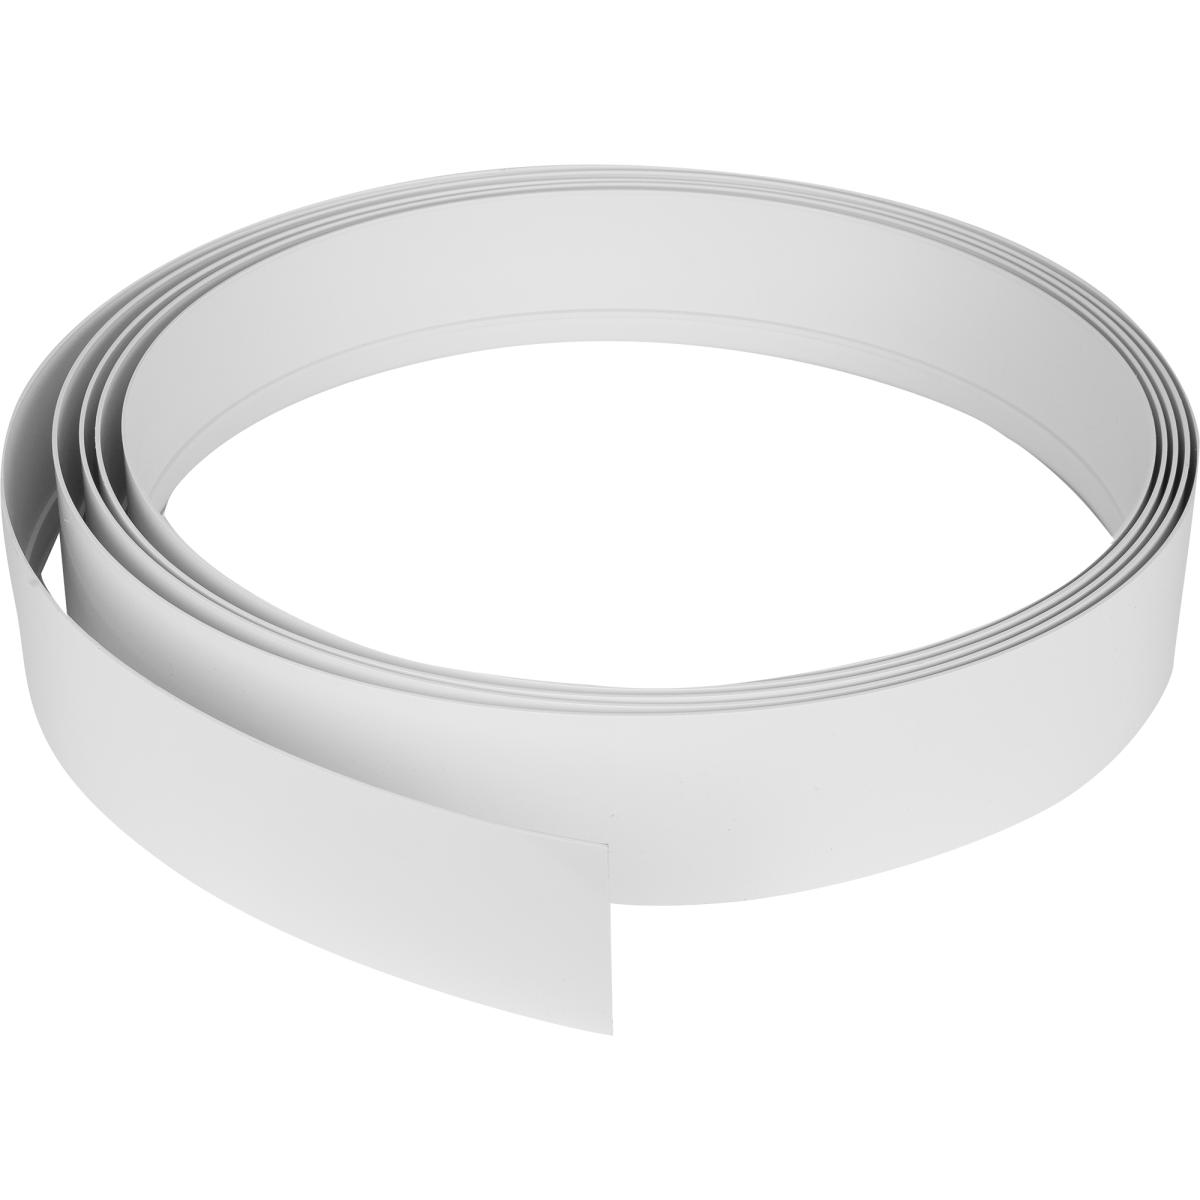 Бленда для пластикового карниза 250 см пластик цвет белый